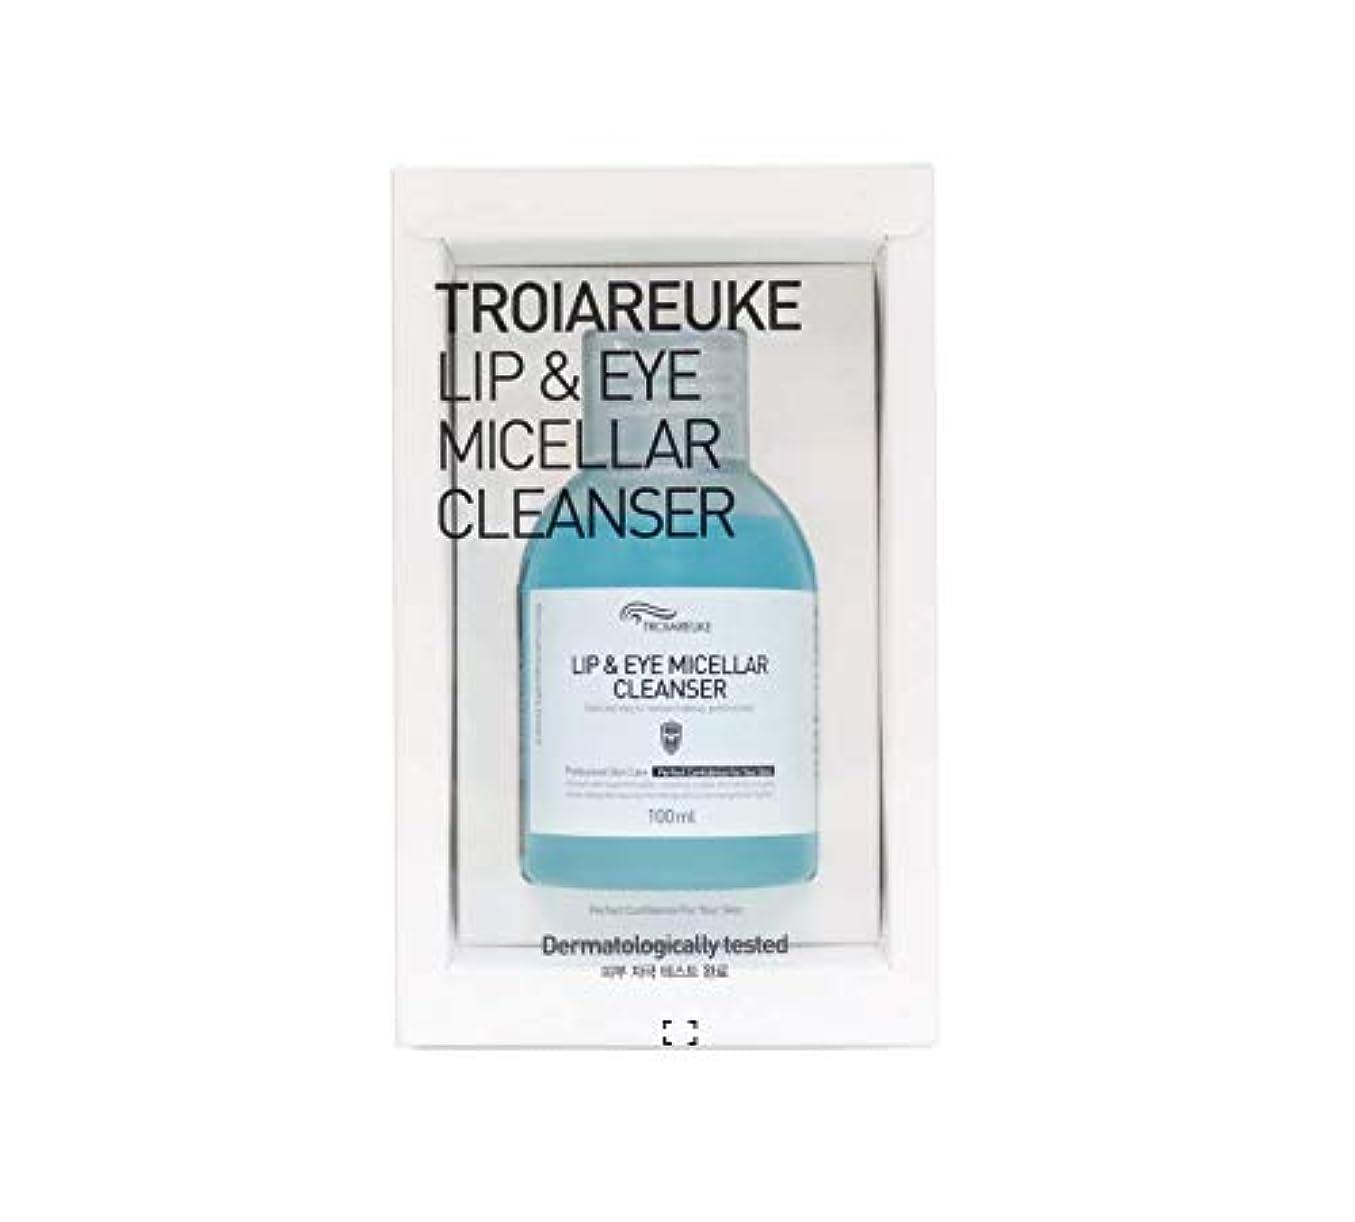 スリル階下ひらめきTROIAREUKE (トロイアルケ) リップ & アイ ミセラー クレンザー / Lip & Eye Micellar Cleanser (100ml) [並行輸入品]